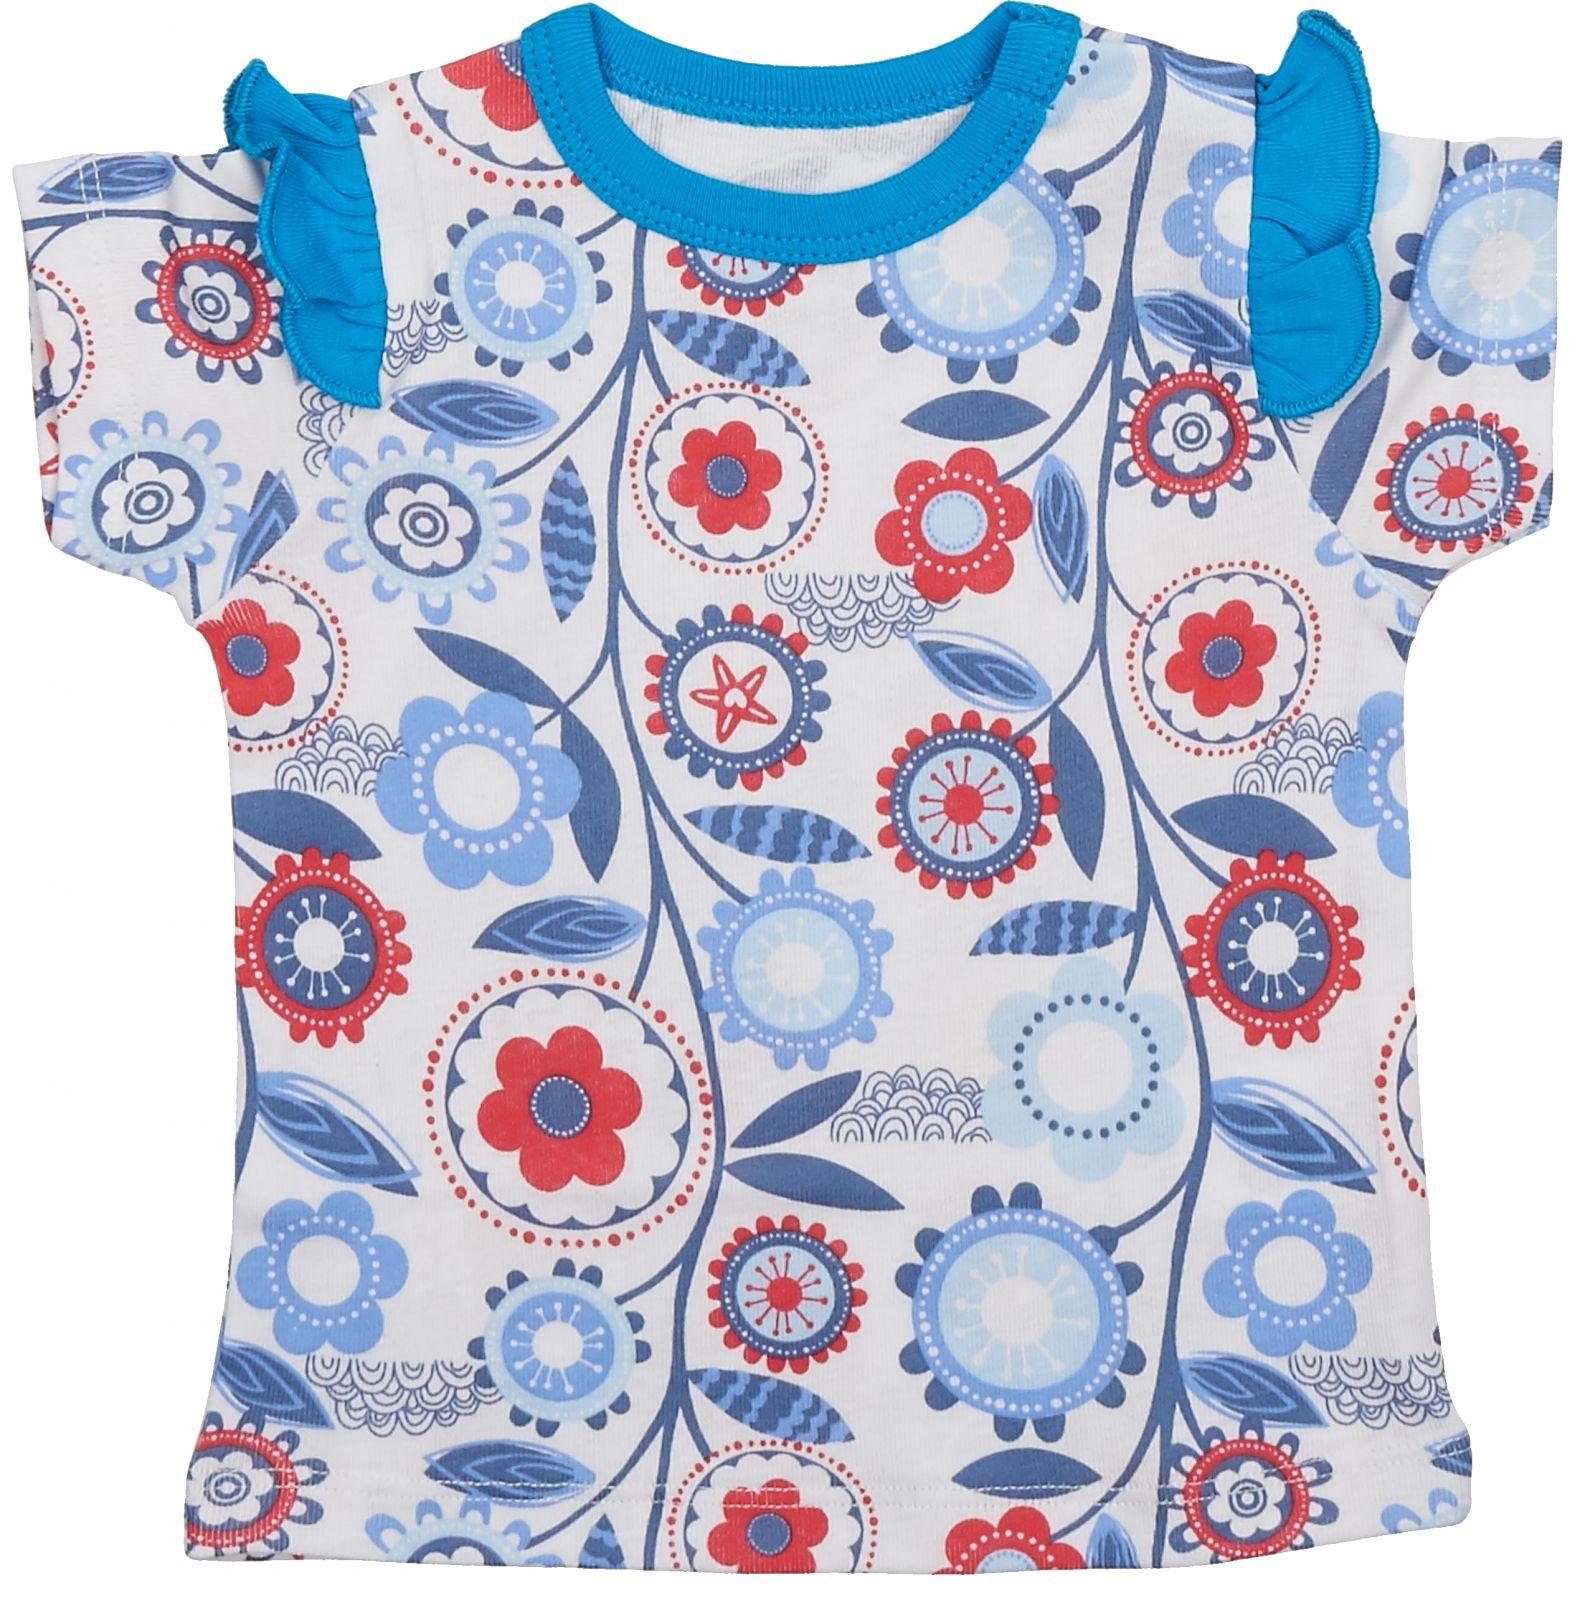 Купить Футболка Viva Baby для девочки синий р.68, Детские футболки, топы